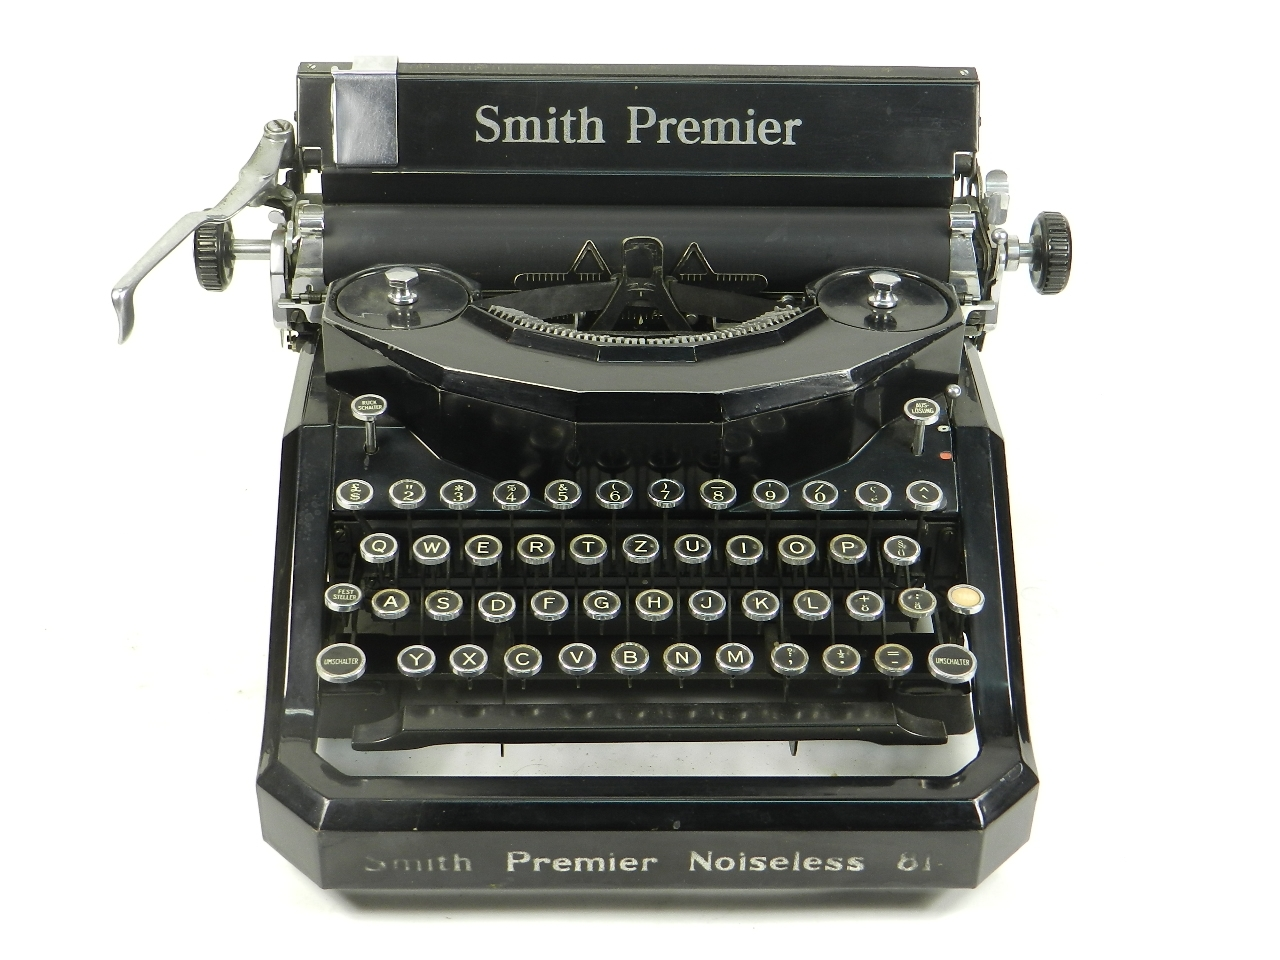 Imagen SMITH PREMIER NOISELESS 81 AÑO 1935 30185